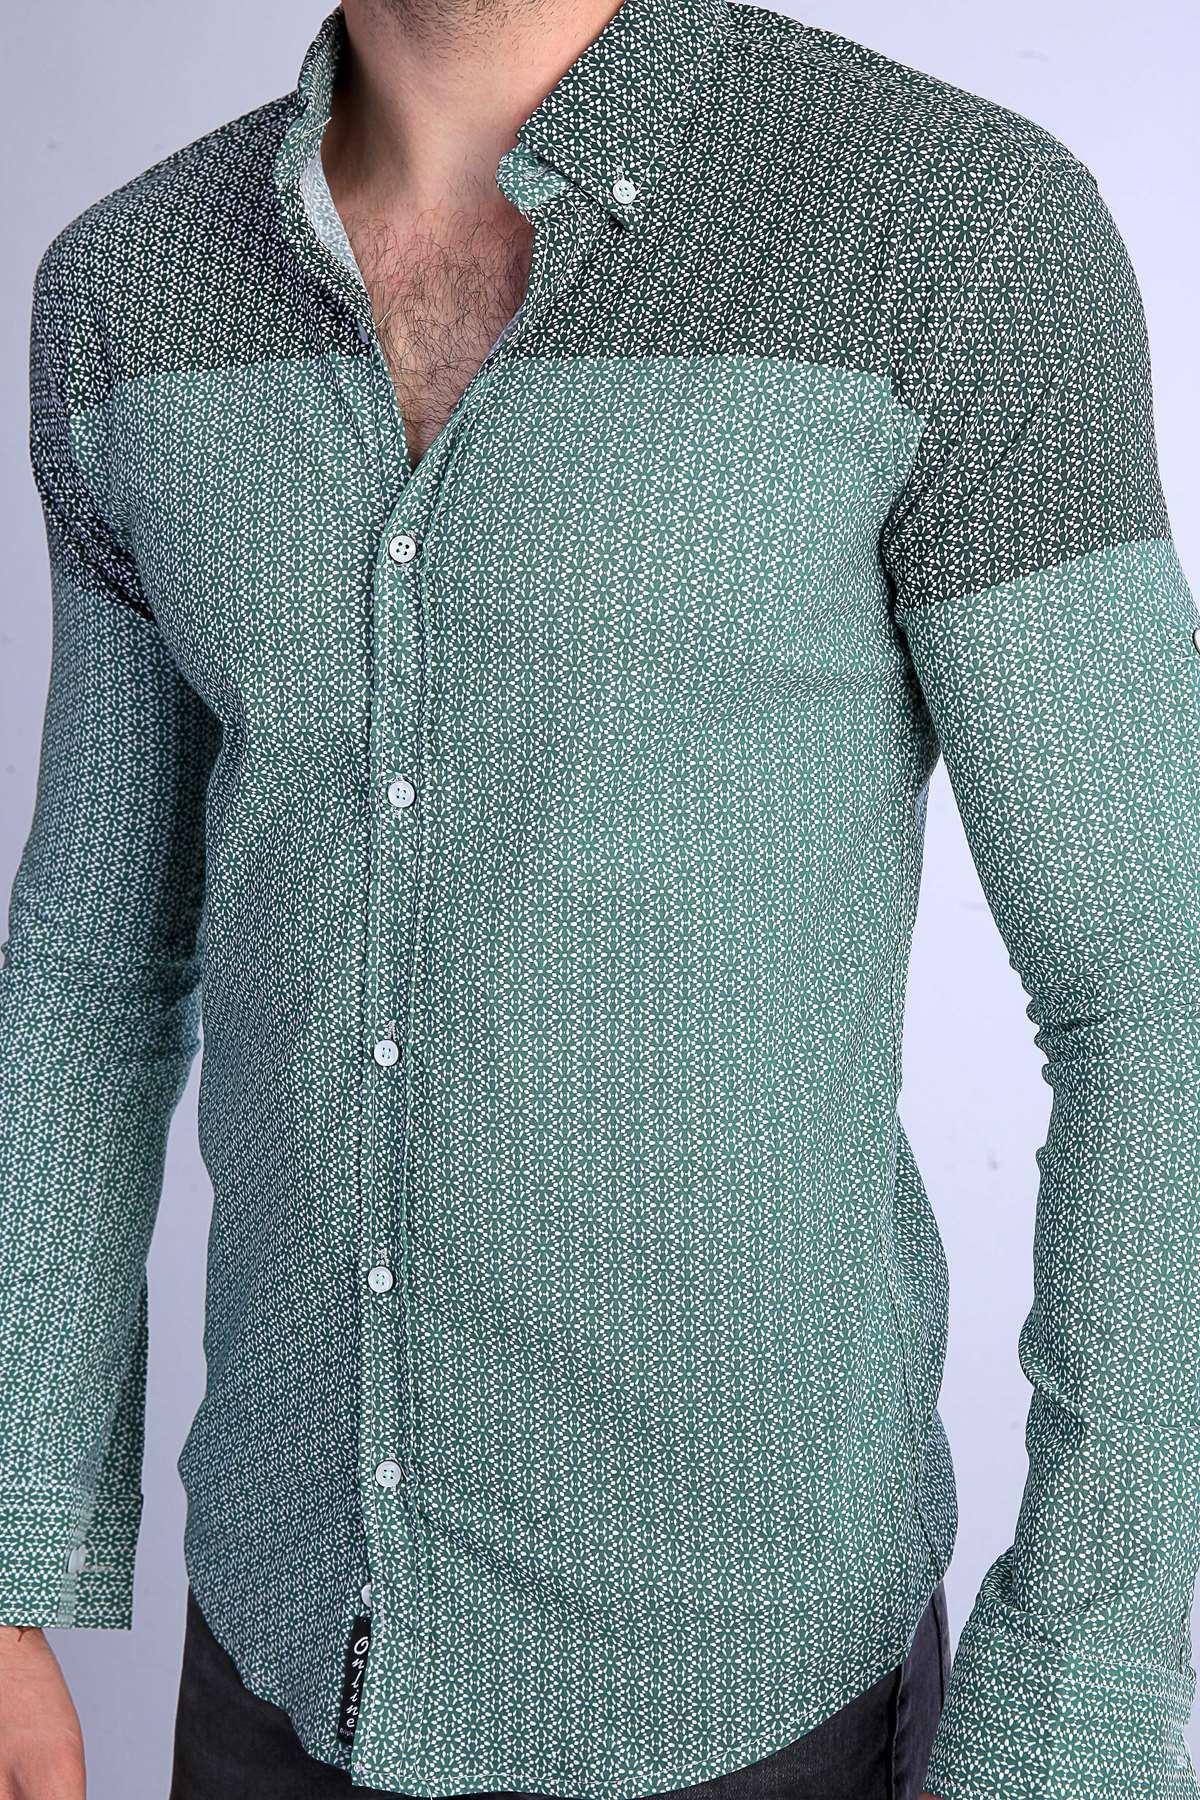 Yıldız Desenli Klasik Yaka Slim Fit Gömlek Haki